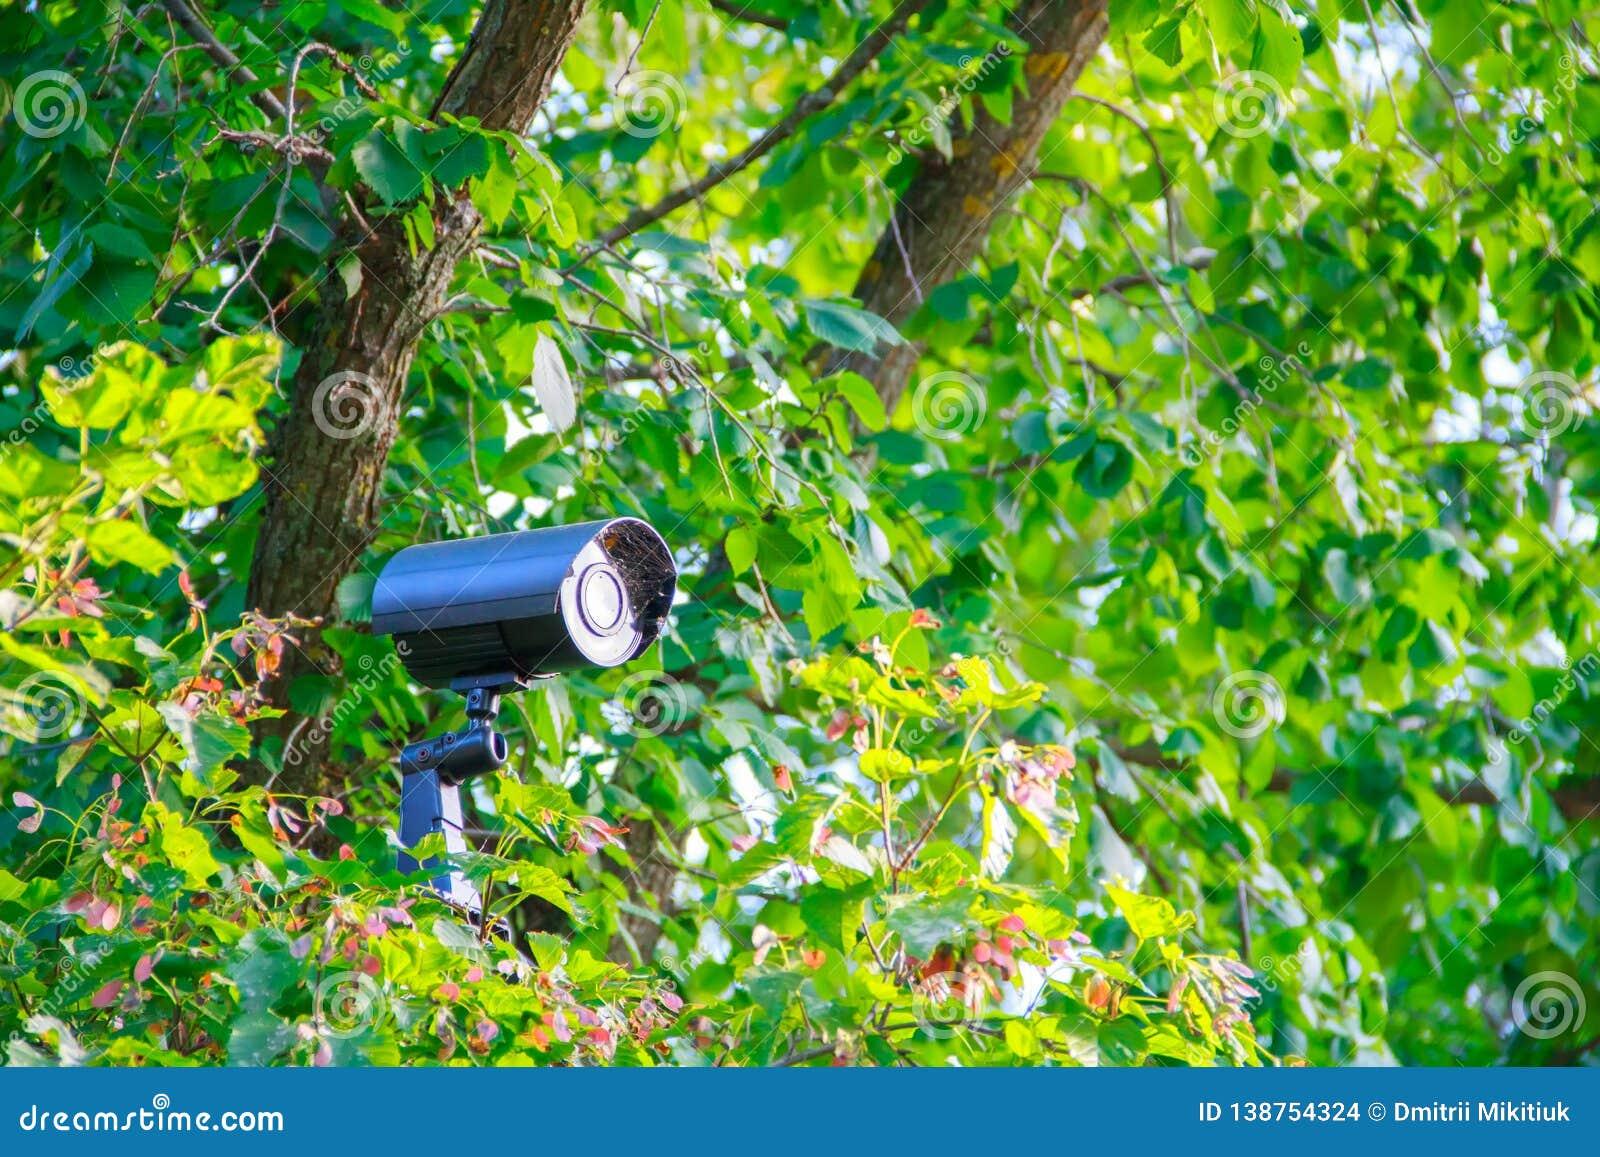 Caméra vidéo noire cachée de degré de sécurité de rue en métal avec la lumière arrière et toile d araignée sur la parenthèse dans